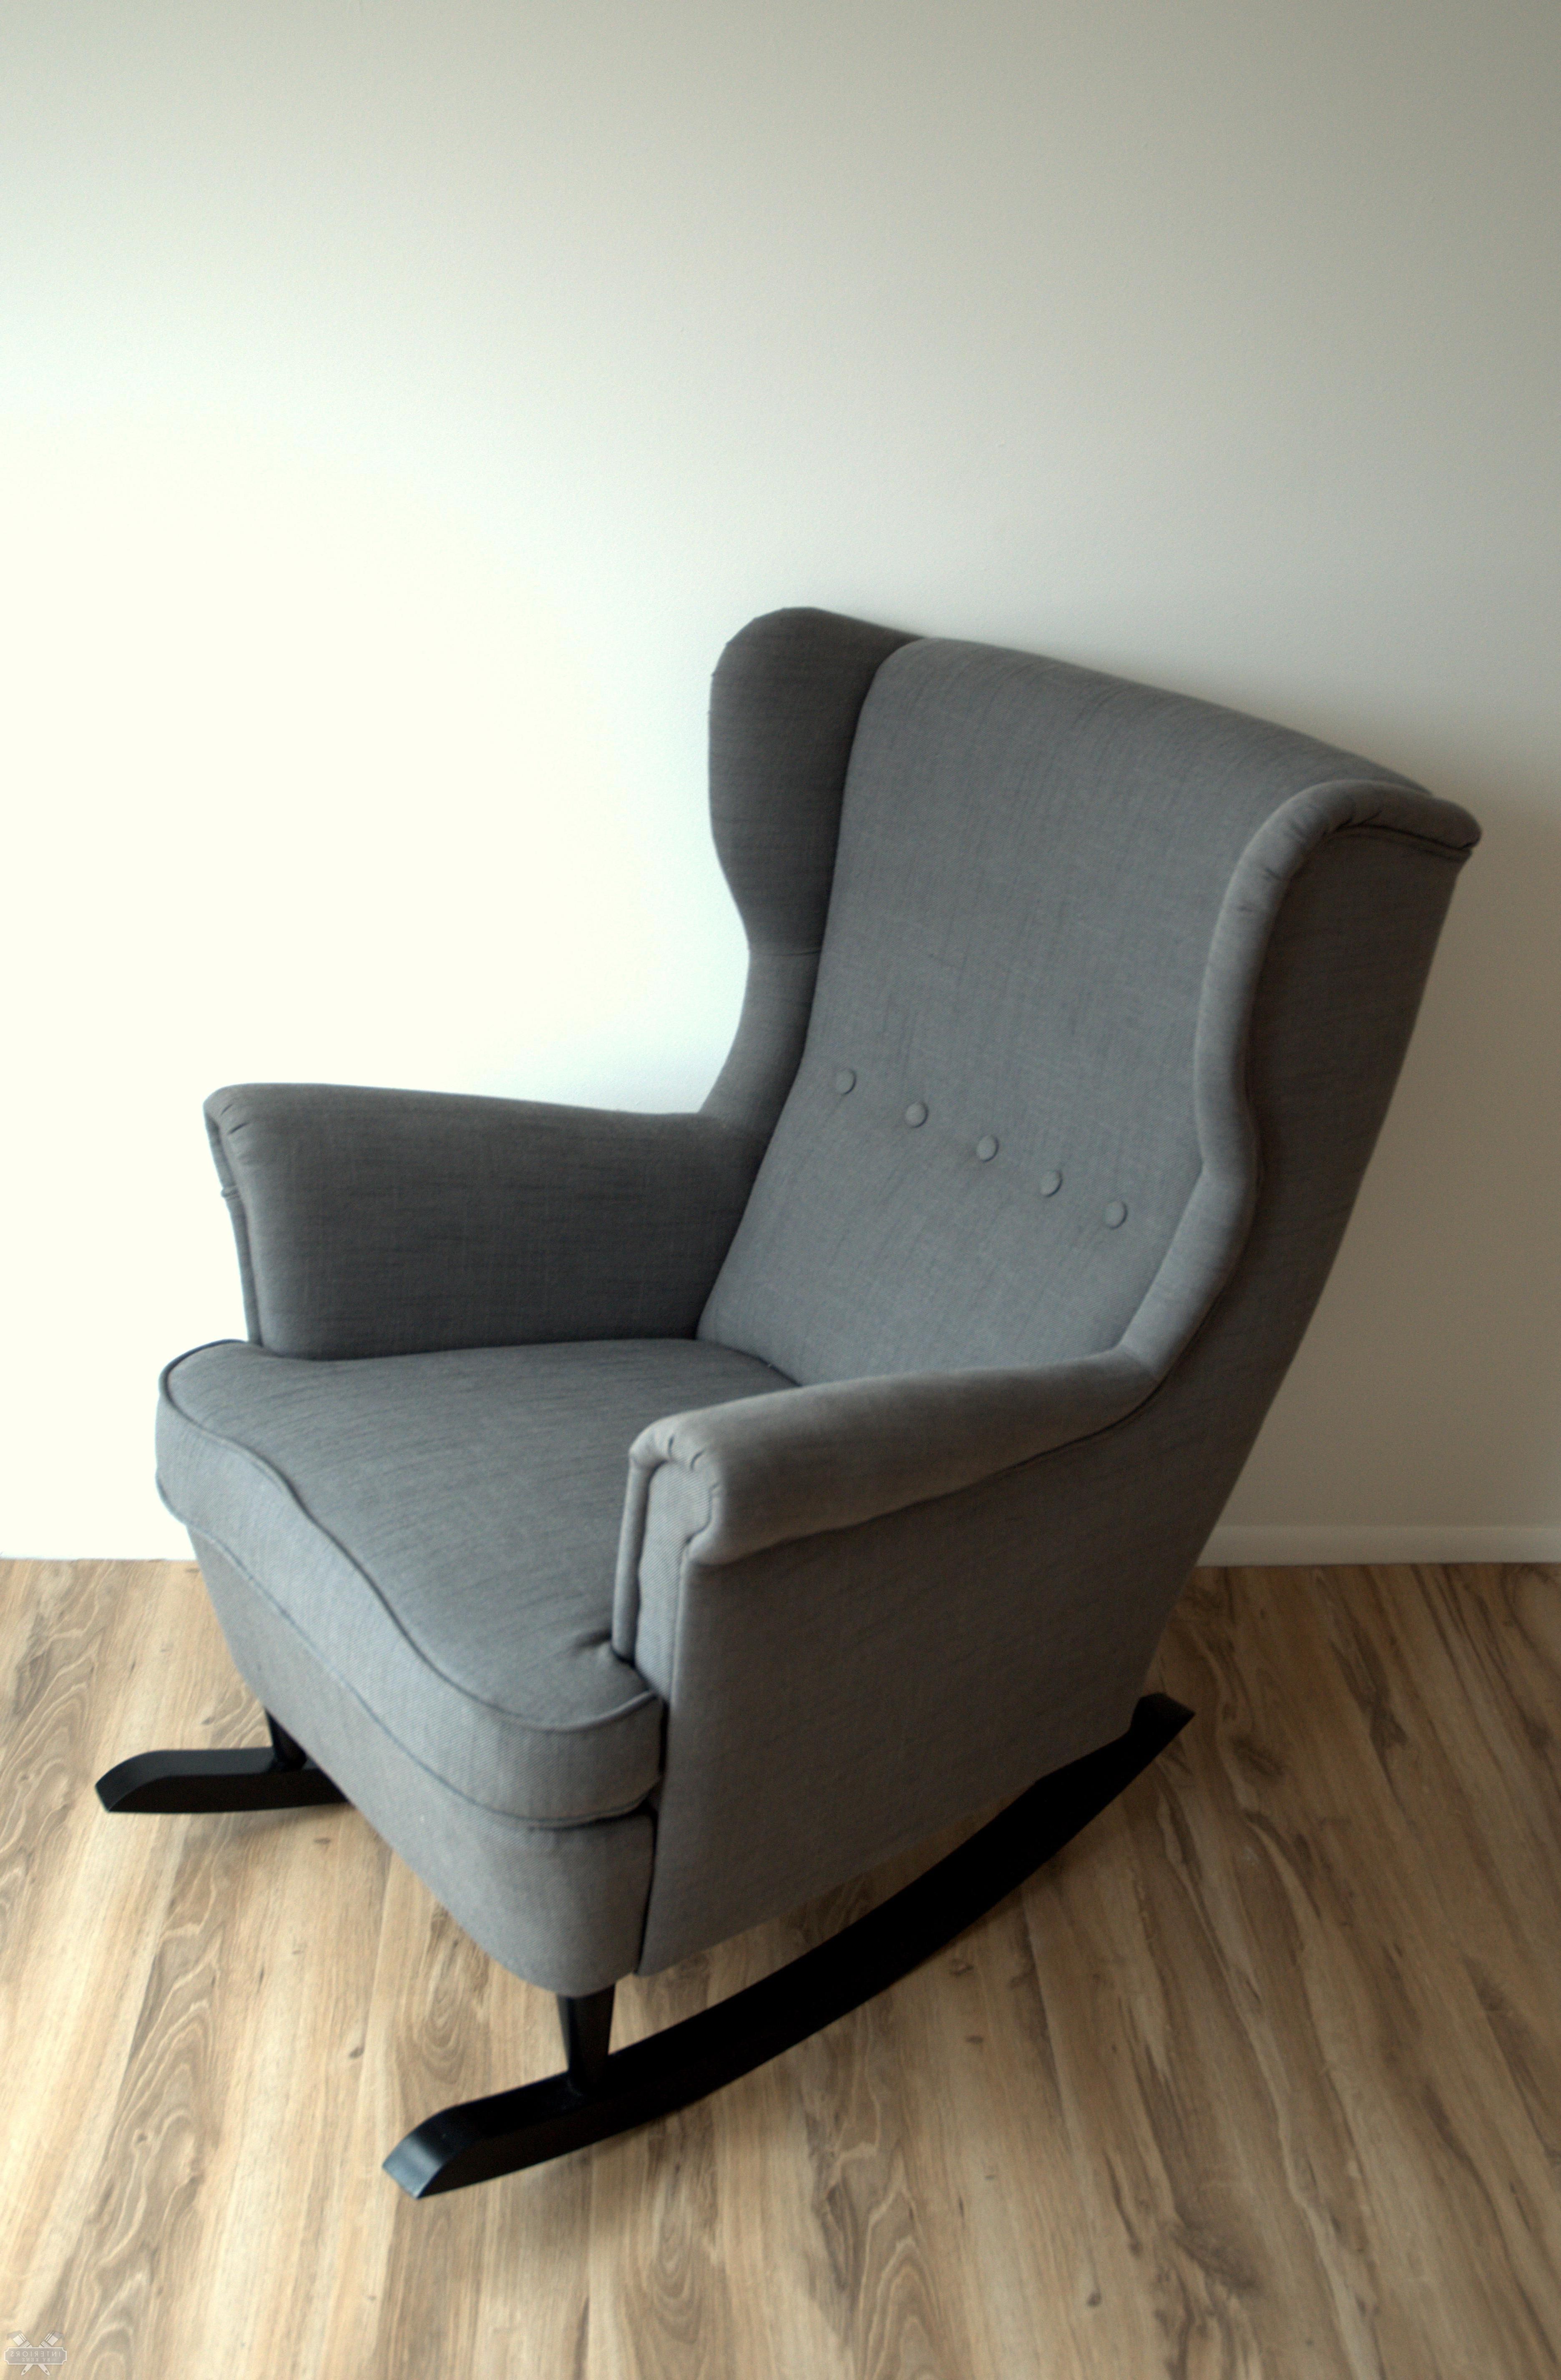 Ikea Hack: Strandmon Rocker {diy Wingback Rocking Chair} (Gallery 5 of 20)